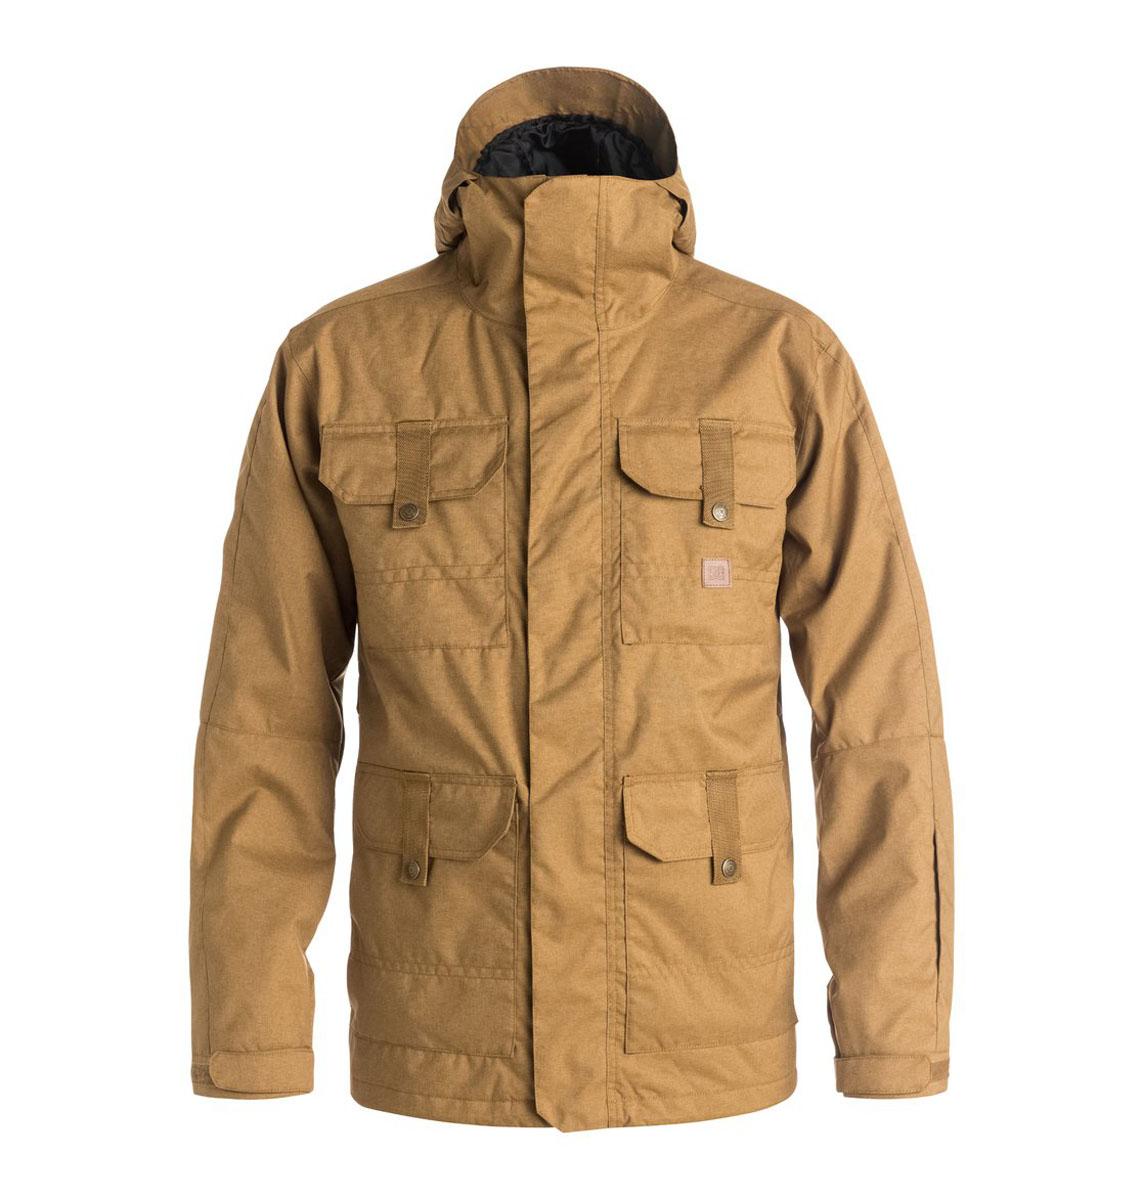 Куртка мужская DC Shoes, цвет: песочный. EDYTJ03022. Размер L (54)EDYTJ03022-CNE0Мужская куртка Quiksilverвыполнена из 100% полиэстера. В качестве подкладки и утеплителя также используется полиэстер. Изделие произведено из сырья высшего качества.Модель с несъемным капюшоном застегивается на застежку-молнию и имеет ветрозащитную планку на липучках. Край капюшона дополнен шнурком-кулиской и небольшим укрепленным козырьком. Низ рукавов дополнен хлястиком на кнопке, а внутренняя часть рукава оформлена эластичным манжетом с прорезью для большого пальца. Спереди расположено четыре накладных кармана с клапанами на кнопках и липучках и по бокам они же дополнены карманами намолнии, а с внутренней стороны - один накладной карман из сетчатой ткани. Под защитной планкой расположена застежка молния, которая дополнена отверстием для наушников. В поясе с внутренней стороны куртка имеет дополнительную подкладку на резинке, которая защитит от ветра и попадания снега.